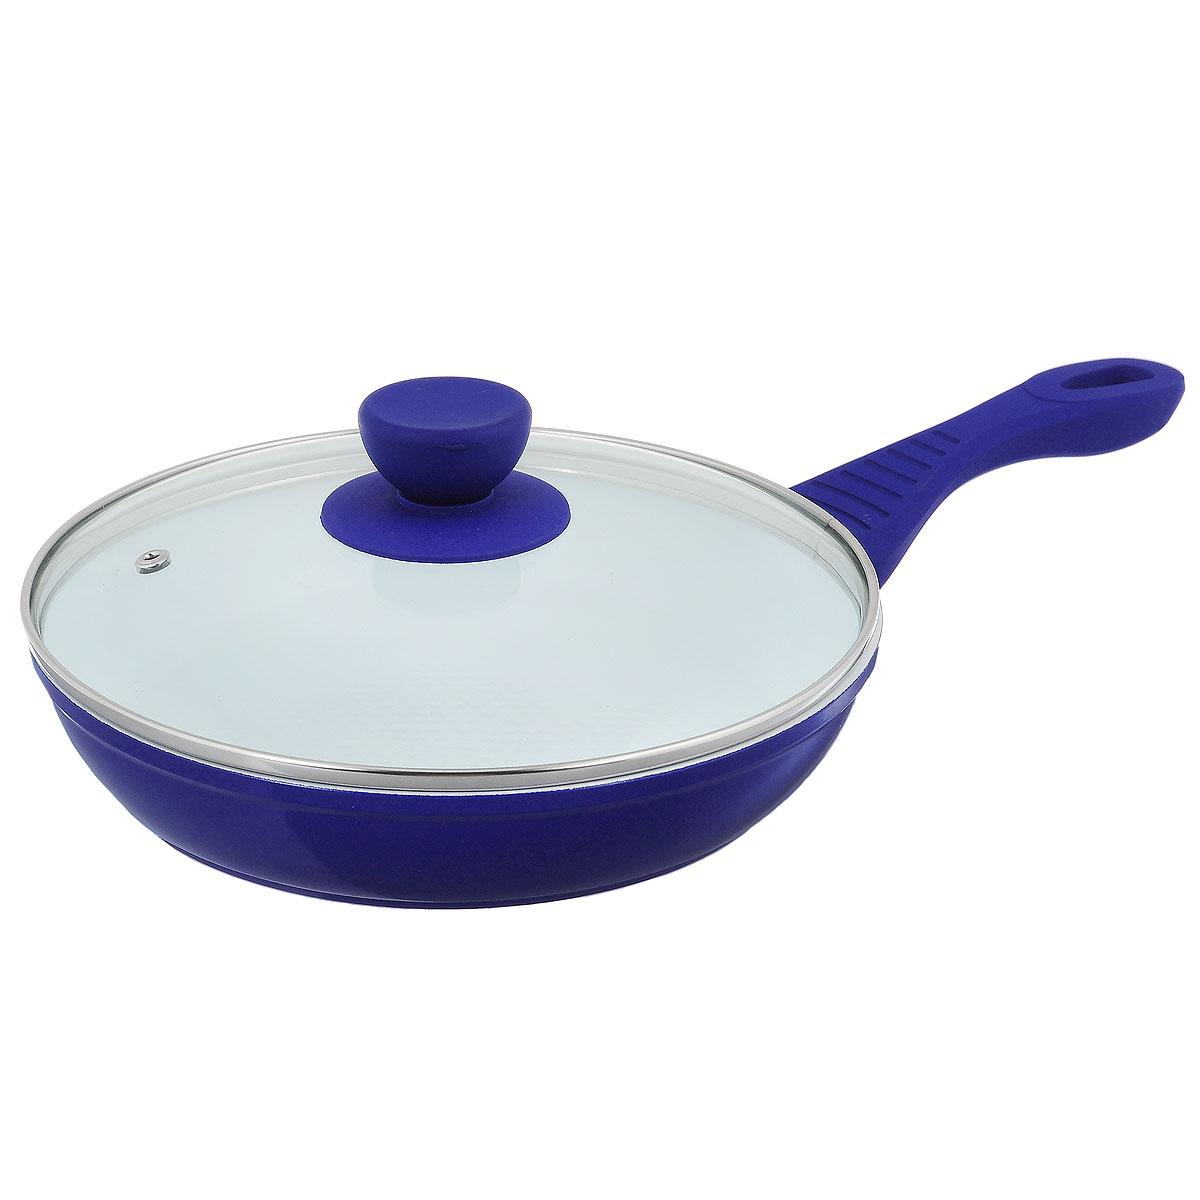 Сковорода Bohmann с крышкой, с керамическим покрытием, цвет: синий. Диаметр 22 см. BH 7022WSBH 7022WSСковорода Bohmann изготовлена из литого алюминия с антипригарным керамическим покрытием. Благодаря керамическому покрытию пища не пригорает и не прилипает к поверхности сковороды, что позволяет готовить с минимальным количеством масла. Кроме того, такое покрытие абсолютно безопасно для здоровья человека, так как не содержит вредной примеси PTFE. Сковорода оснащена эргономичной бакелитовой ручкой и стеклянной крышкой с отверстием для выхода пара. Сковорода подходит для всех типов плит, включая индукционные. Подходит для чистки в посудомоечной машине.